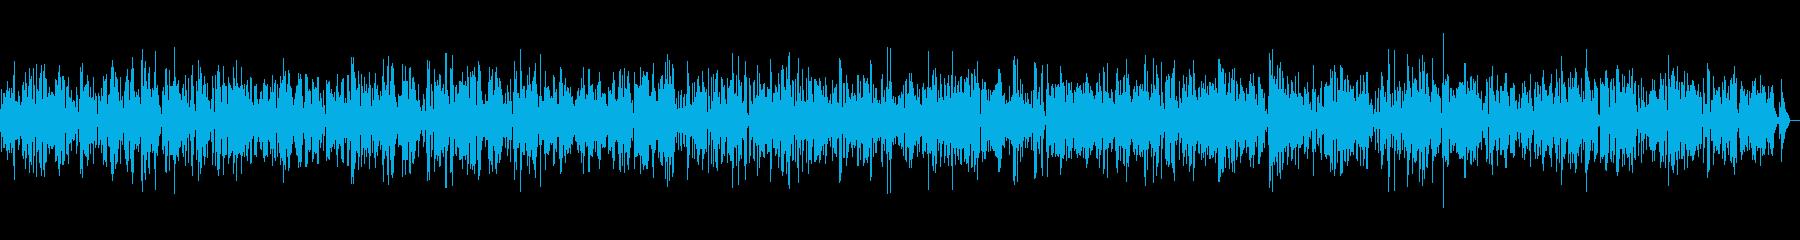 カフェBGM!ピアノジャズ&ボサノバ!の再生済みの波形